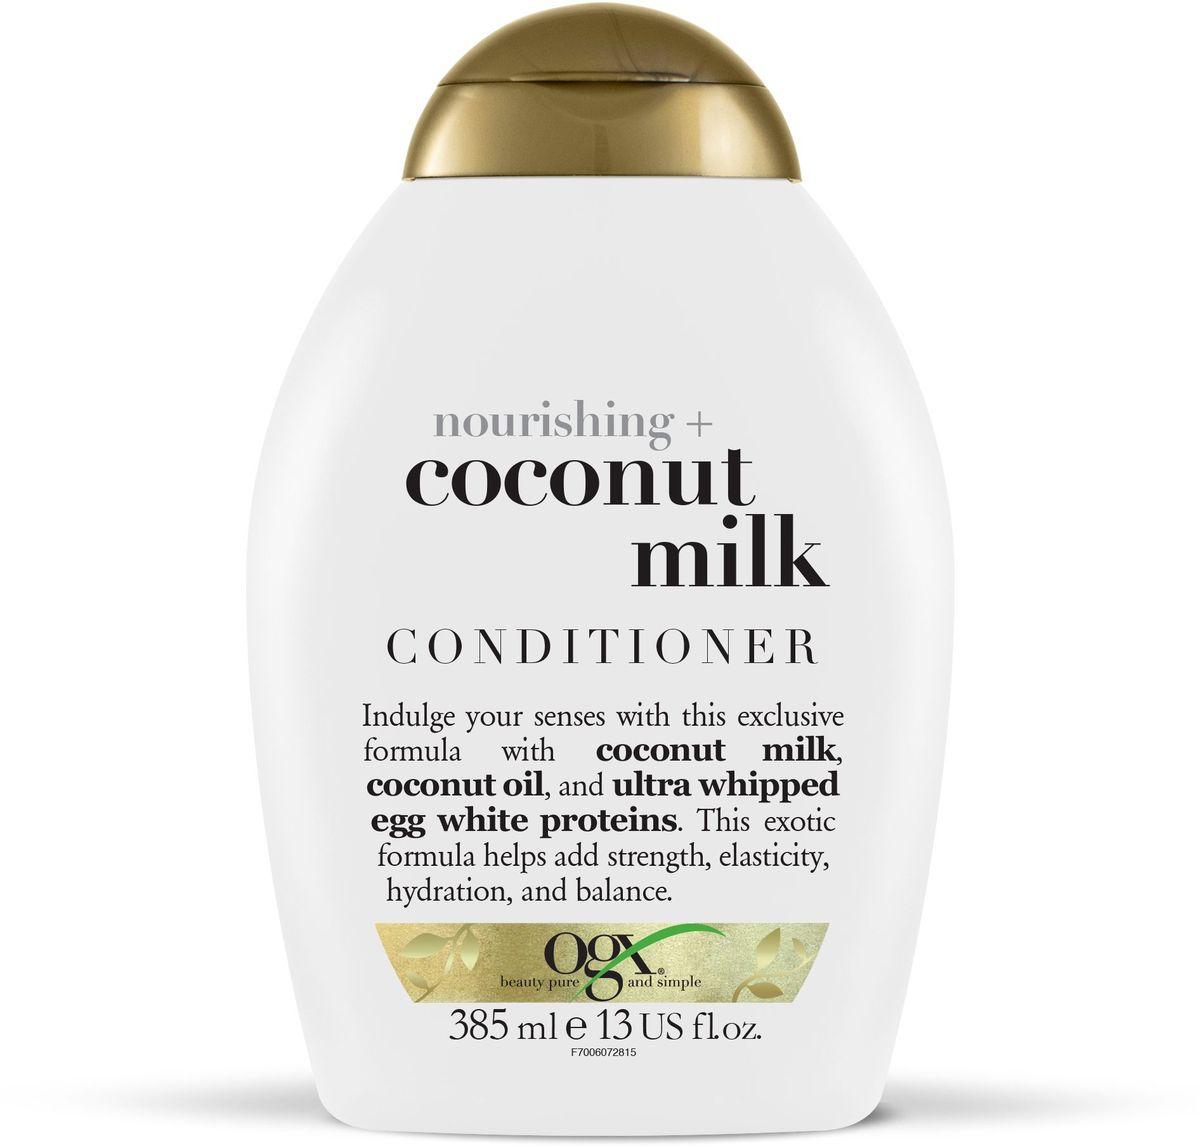 OGX Питательный кондиционер с кокосовым молоком, 385 млFS-00897Питательный кондиционер с кокосовым молоком– питает и увлажняет волосы, придавая им гладкость и блеск, кокосовое масло, входящее в состав продукта наполняет волосы влагой от корней до самых кончиков, восстанавливая водный баланс. Придает волосам силу.